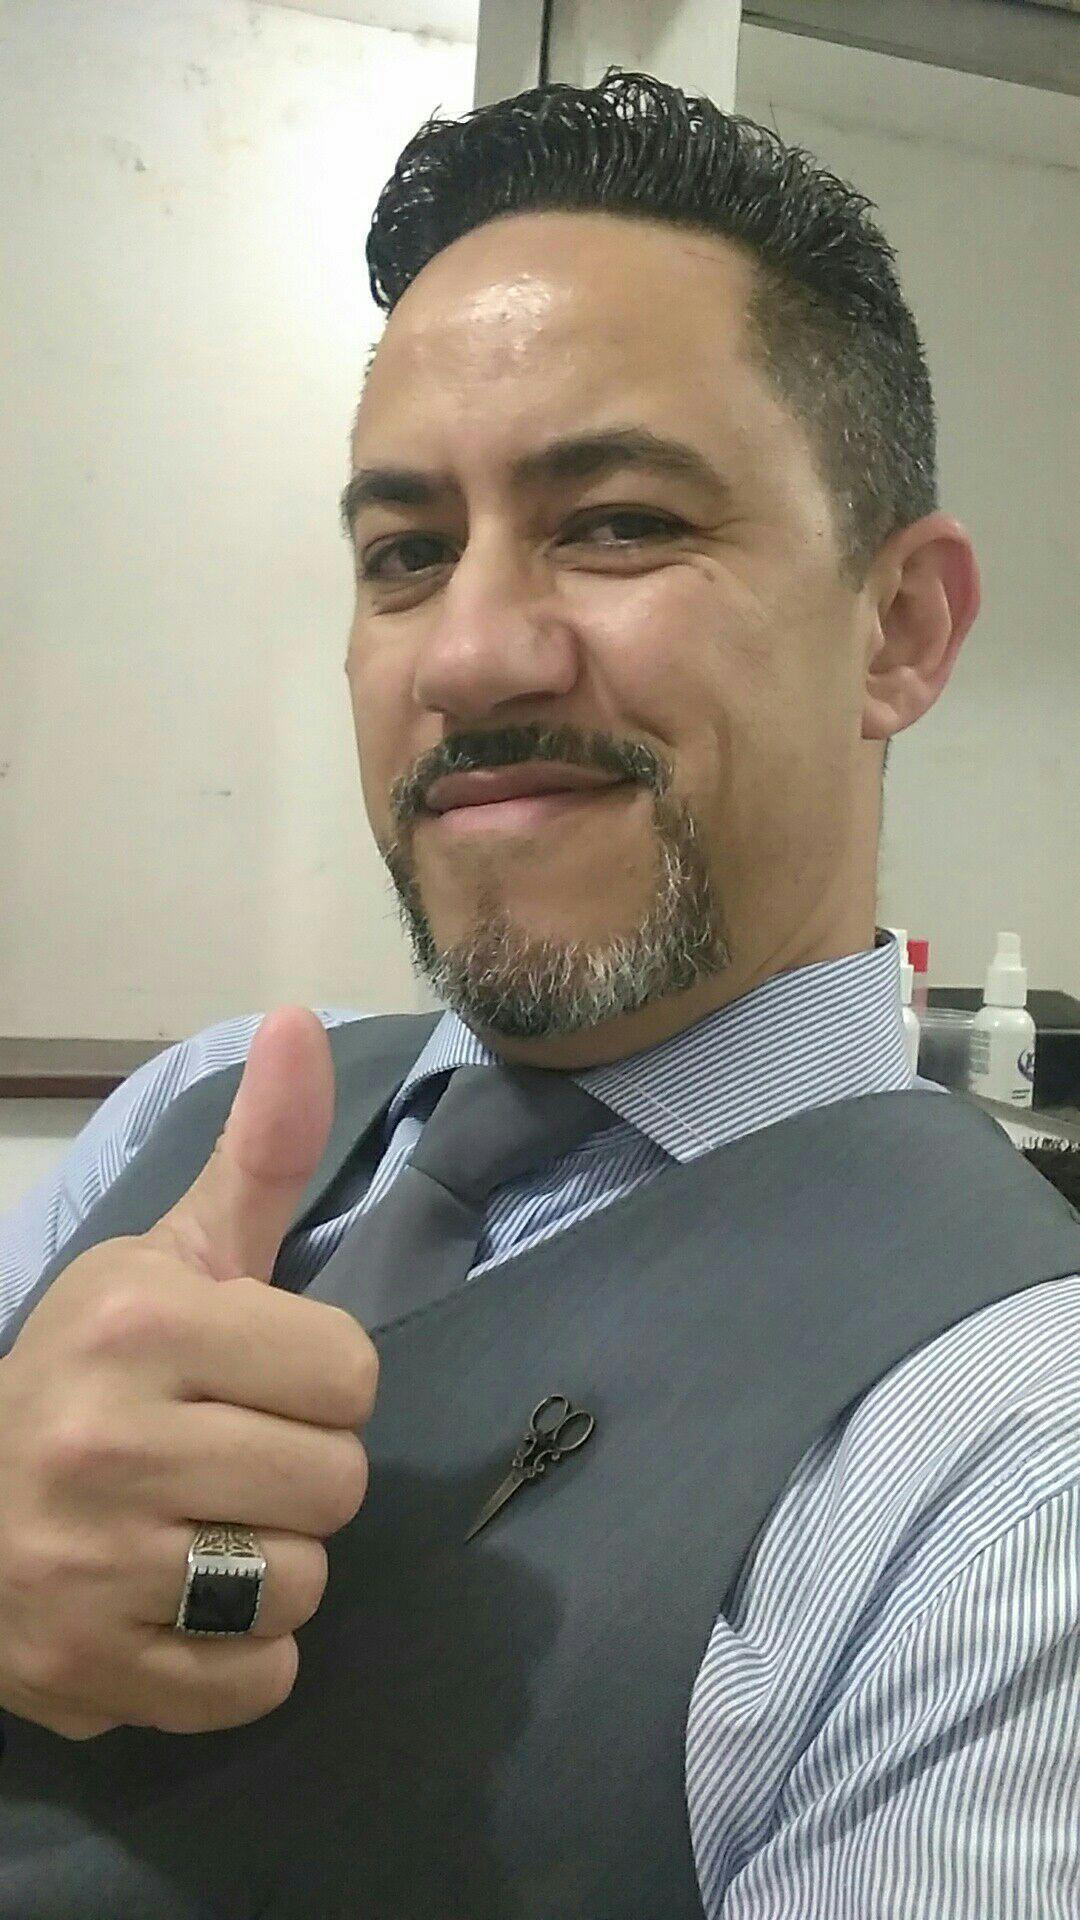 Estou sou eu, Barbeiro Silvano atuando na área desde 1996. barbeiro(a)